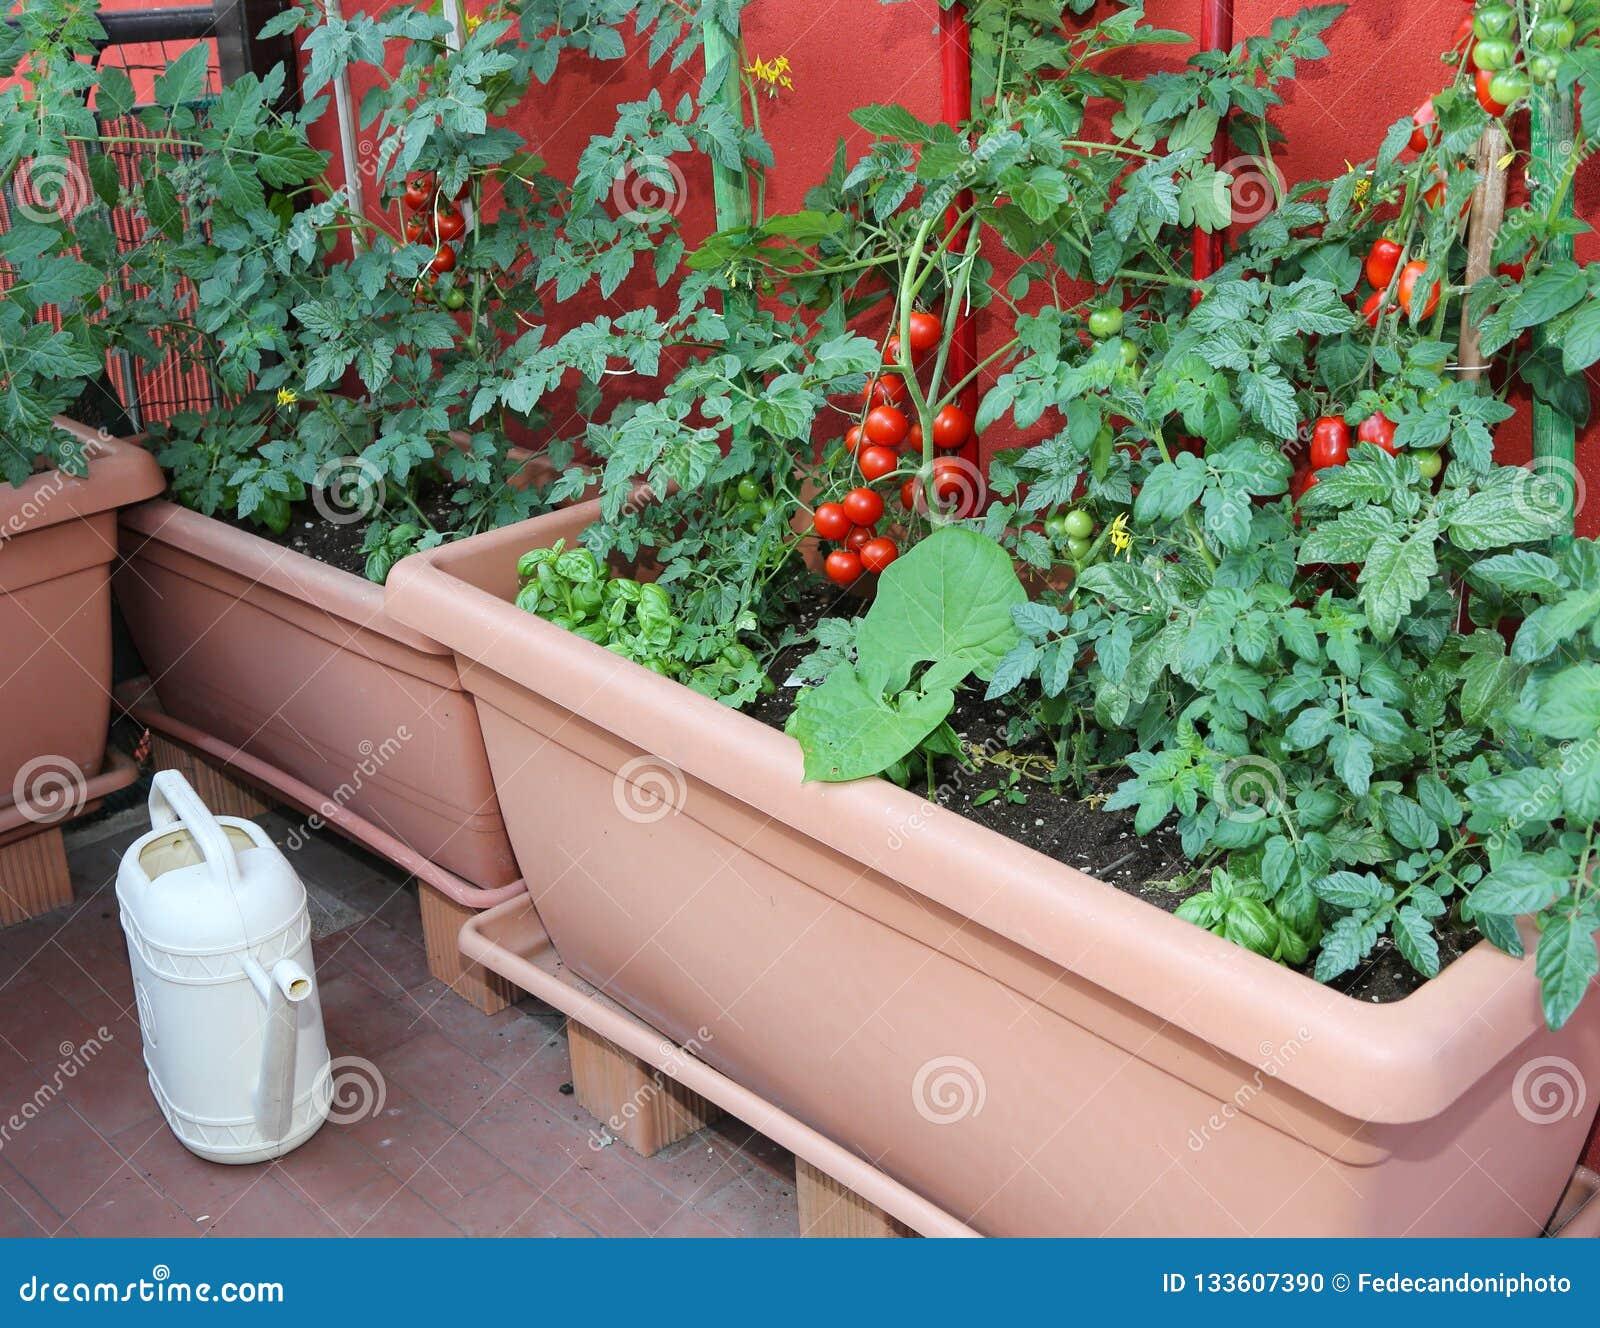 Vasi con le piante di pomodori e un annaffiatoio giallo